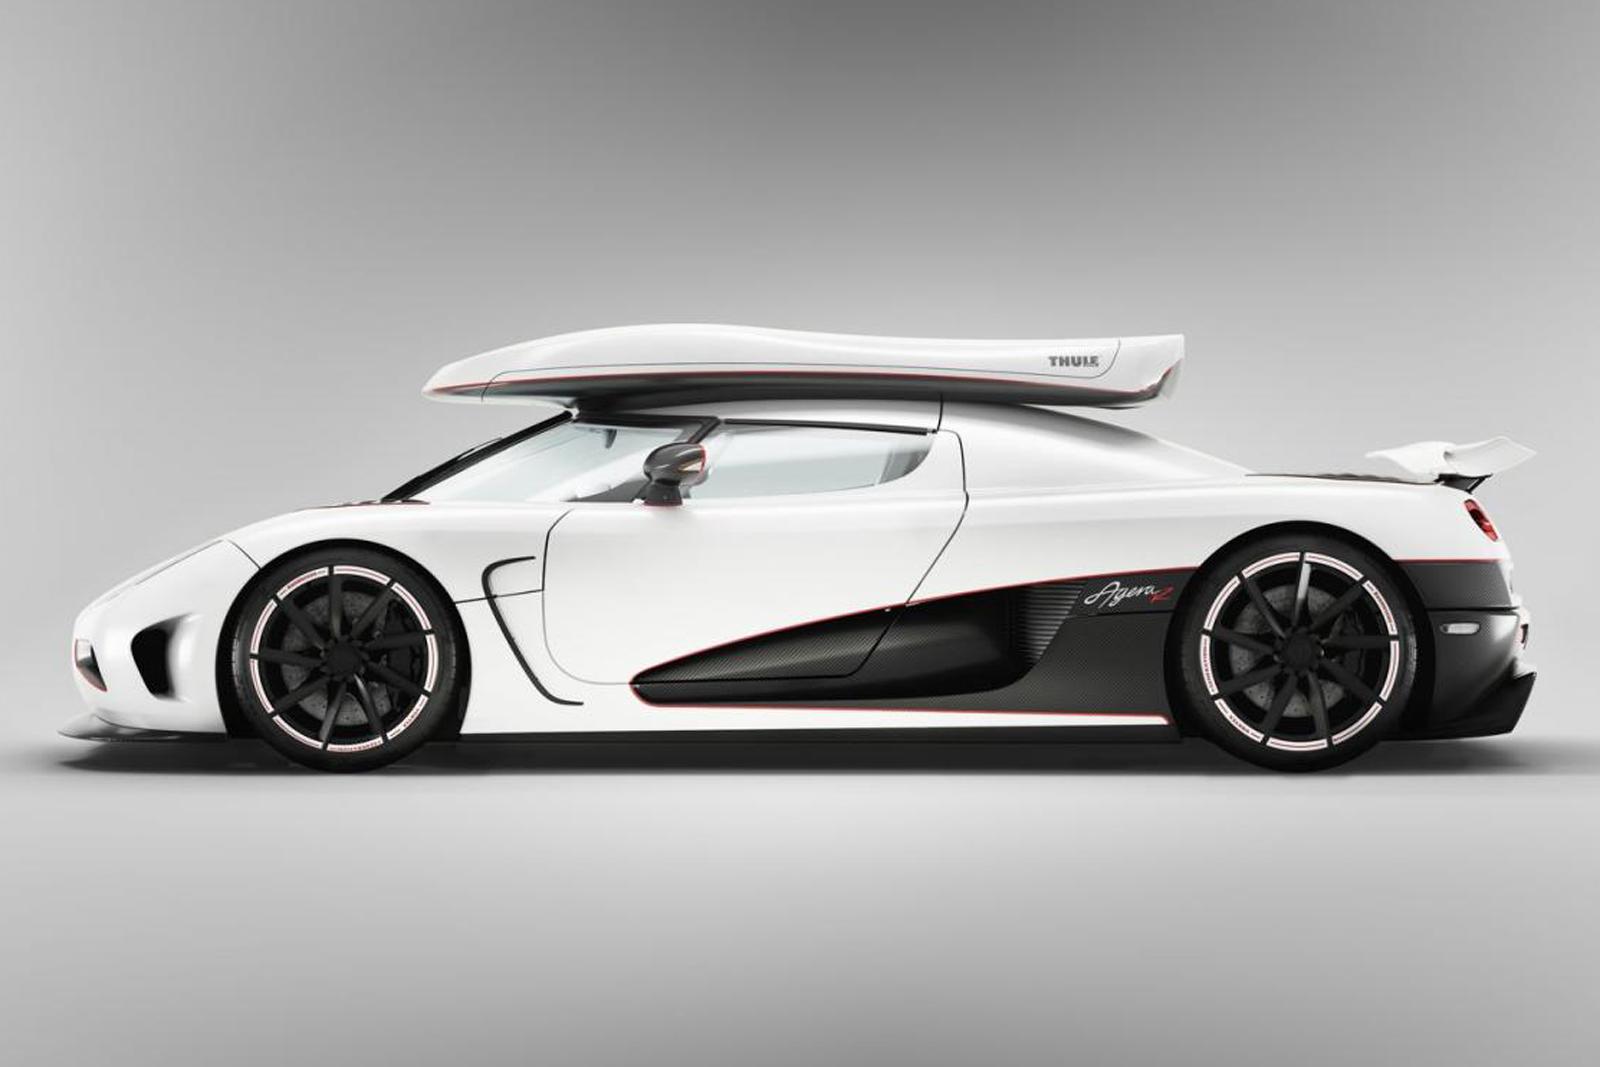 Speed Racer Inspired Koenigsegg Agera R